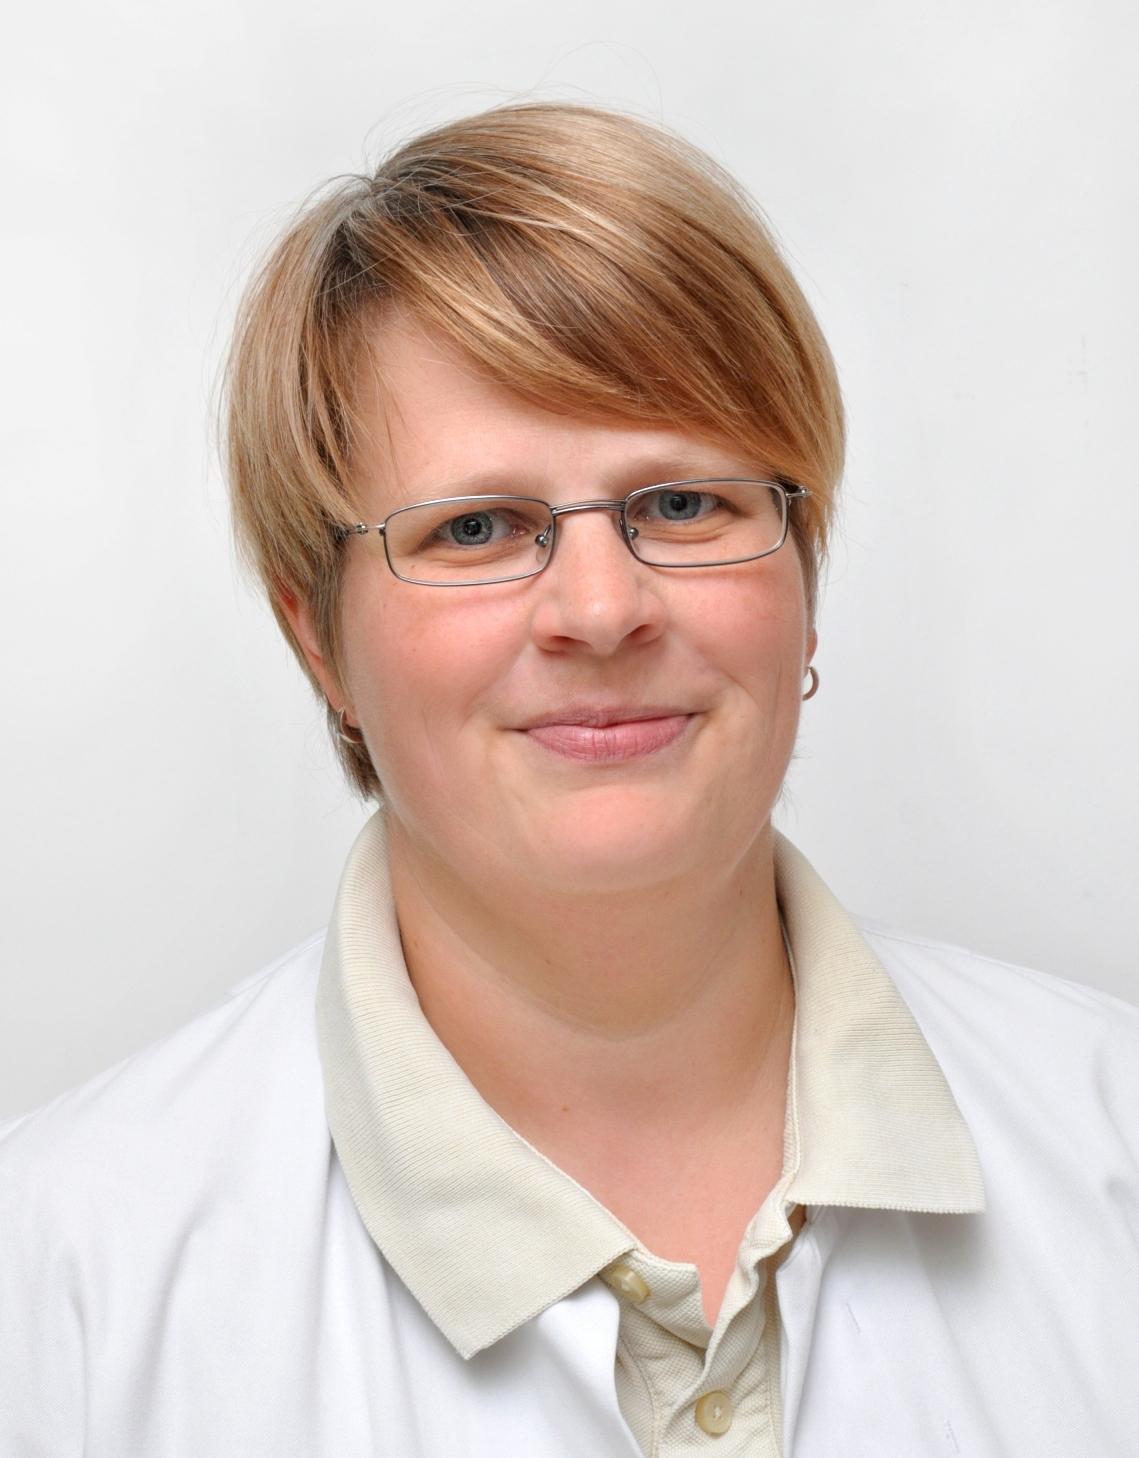 Städtische Kliniken Mönchengladbach Willkommen Im Elisabeth